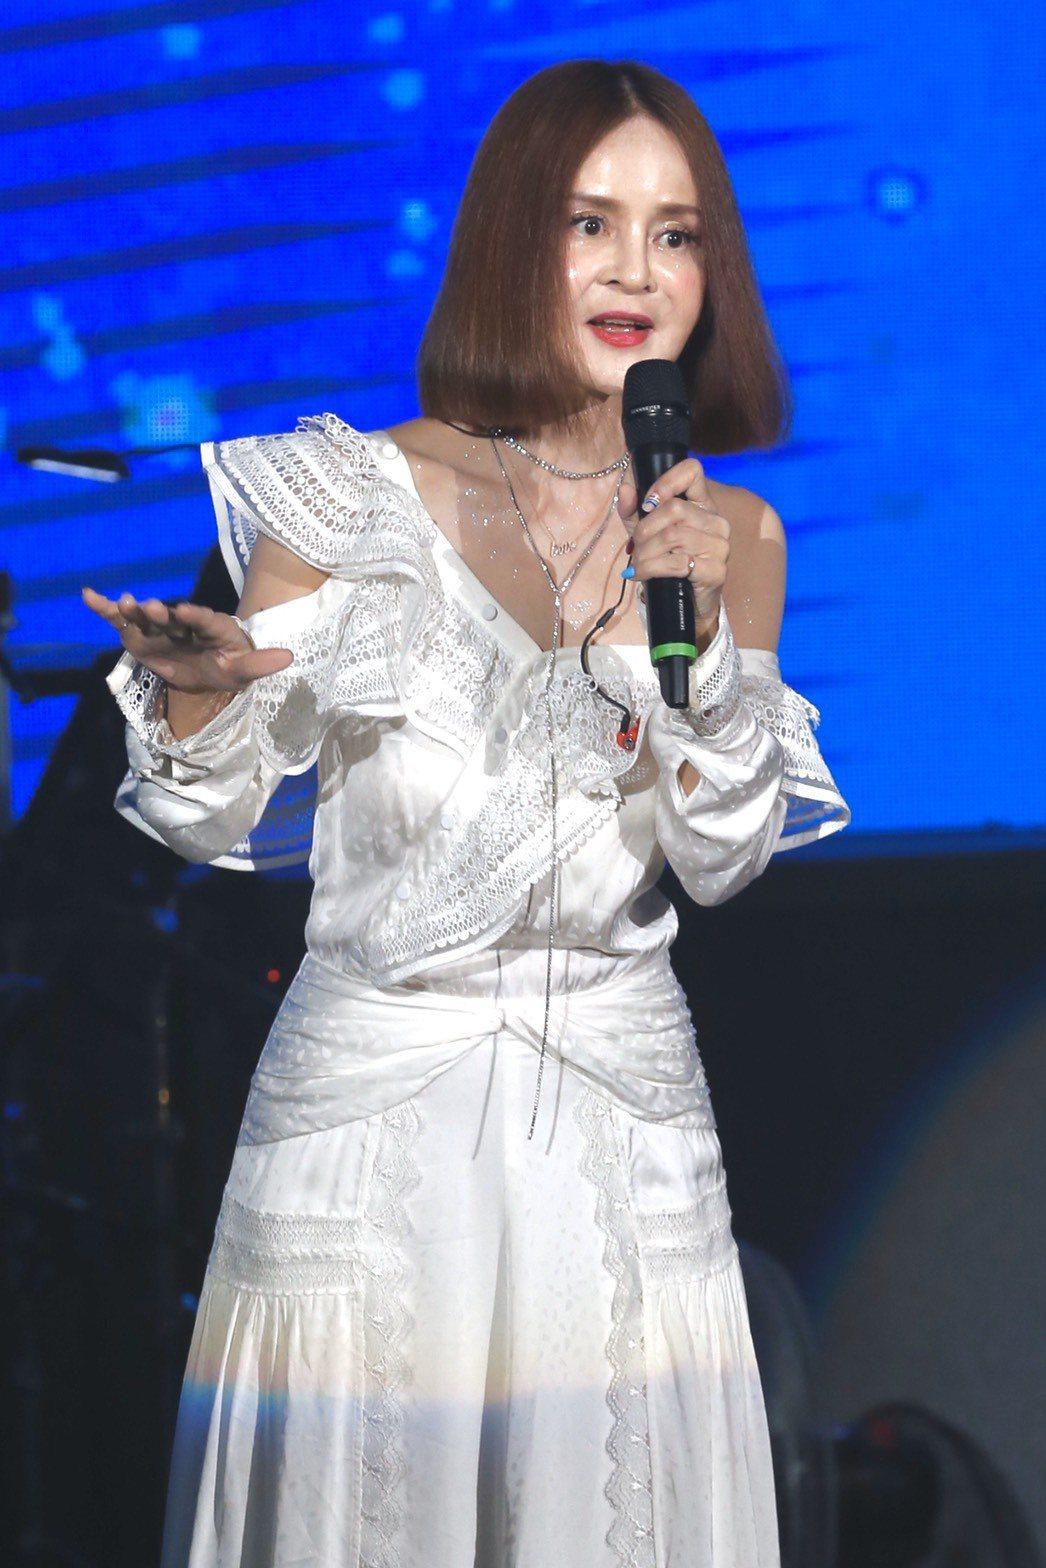 金曲歌后高勝美今晚開唱,重現瓊瑤戲劇經典曲。記者林俊良/攝影